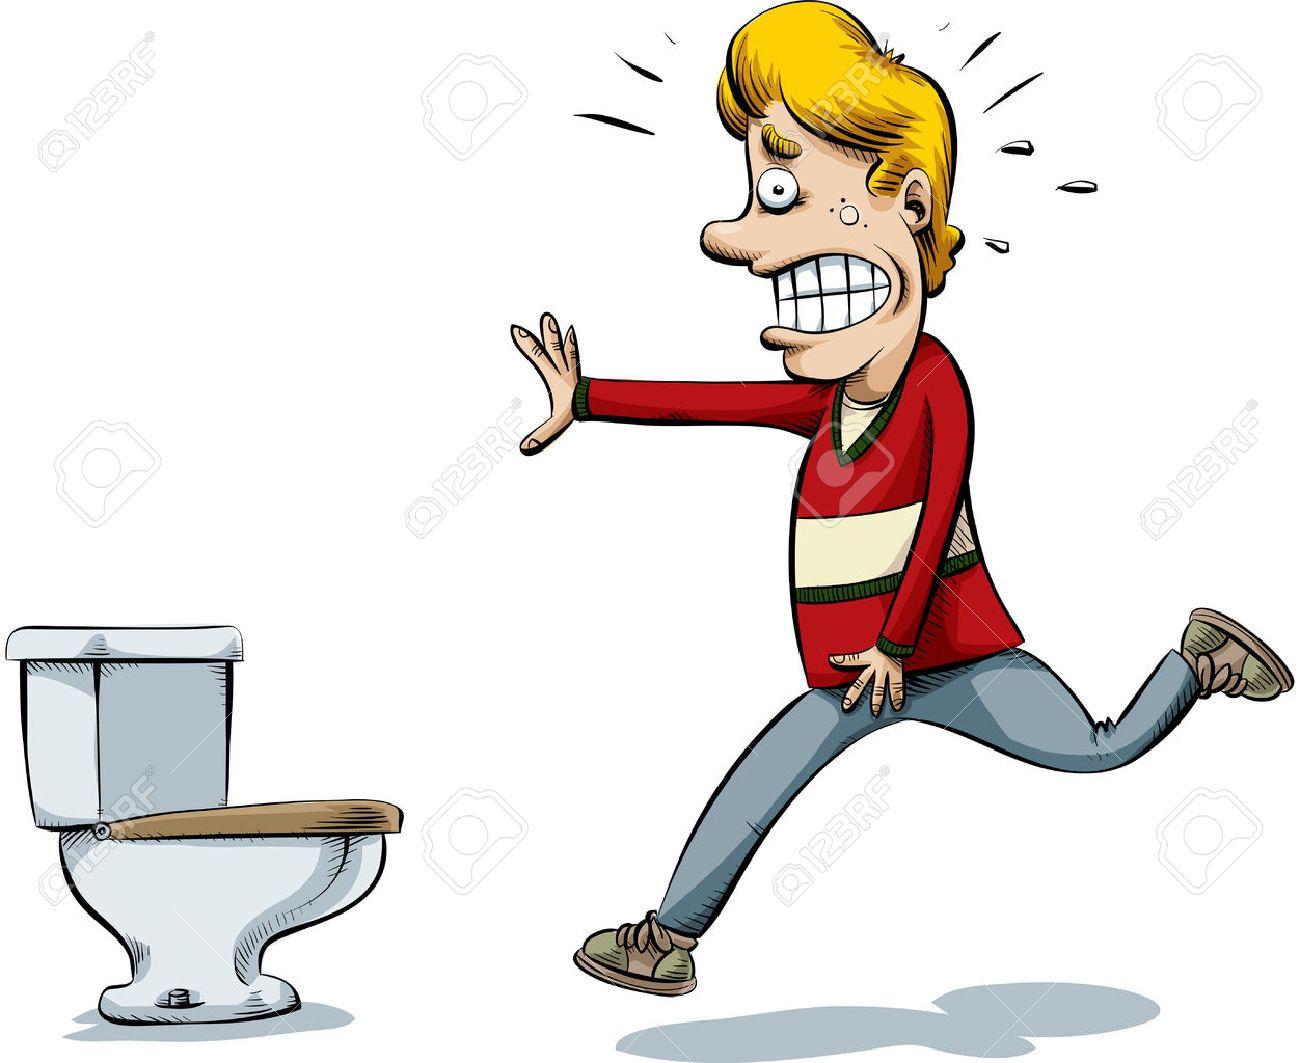 Ein Cartoon Mann Läuft Auf Die Toilette Um Zu Pinkeln Lizenzfrei